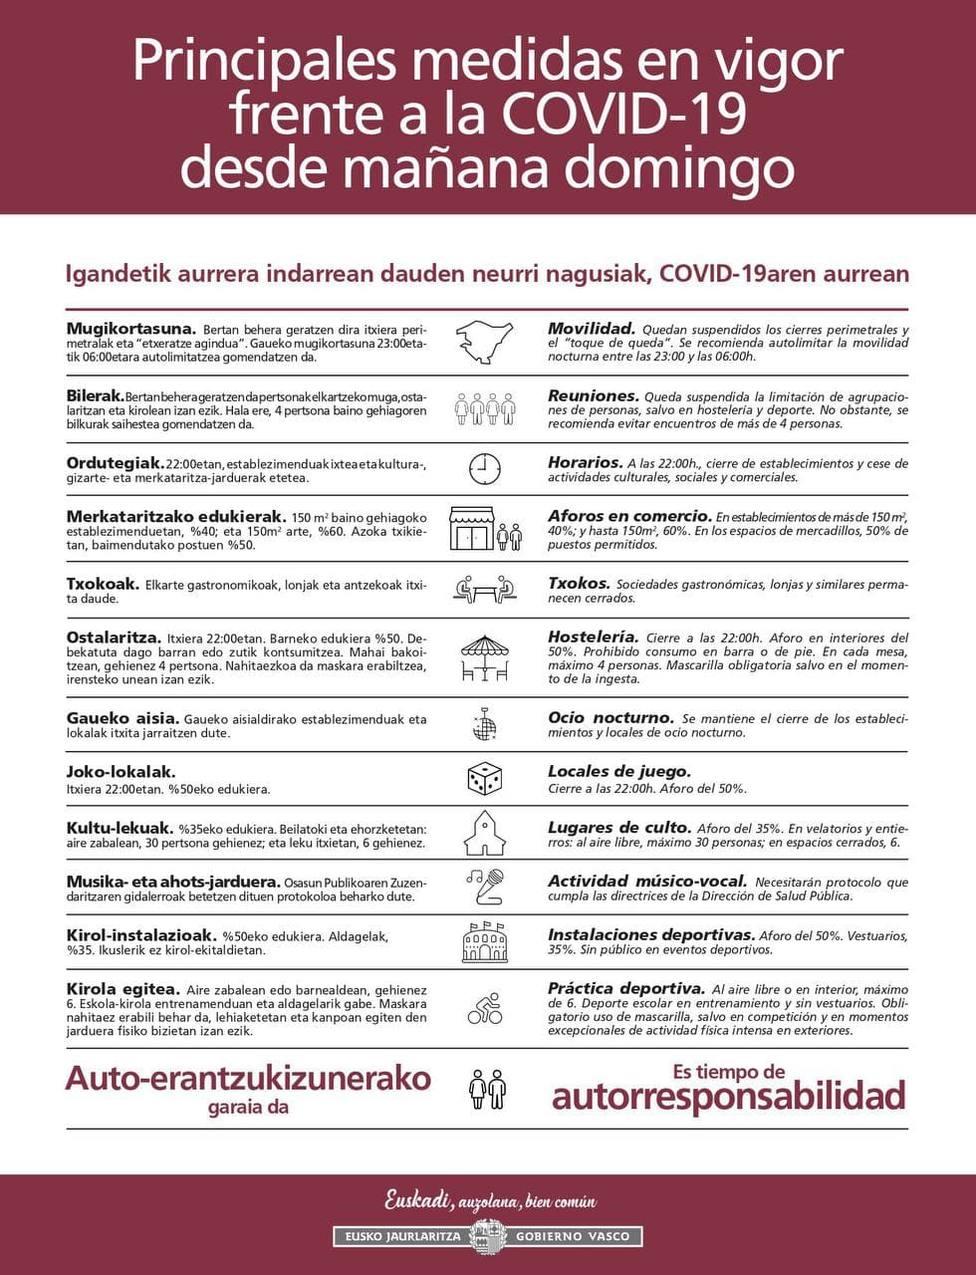 Medidas activas en Euskadi a partir del domingo